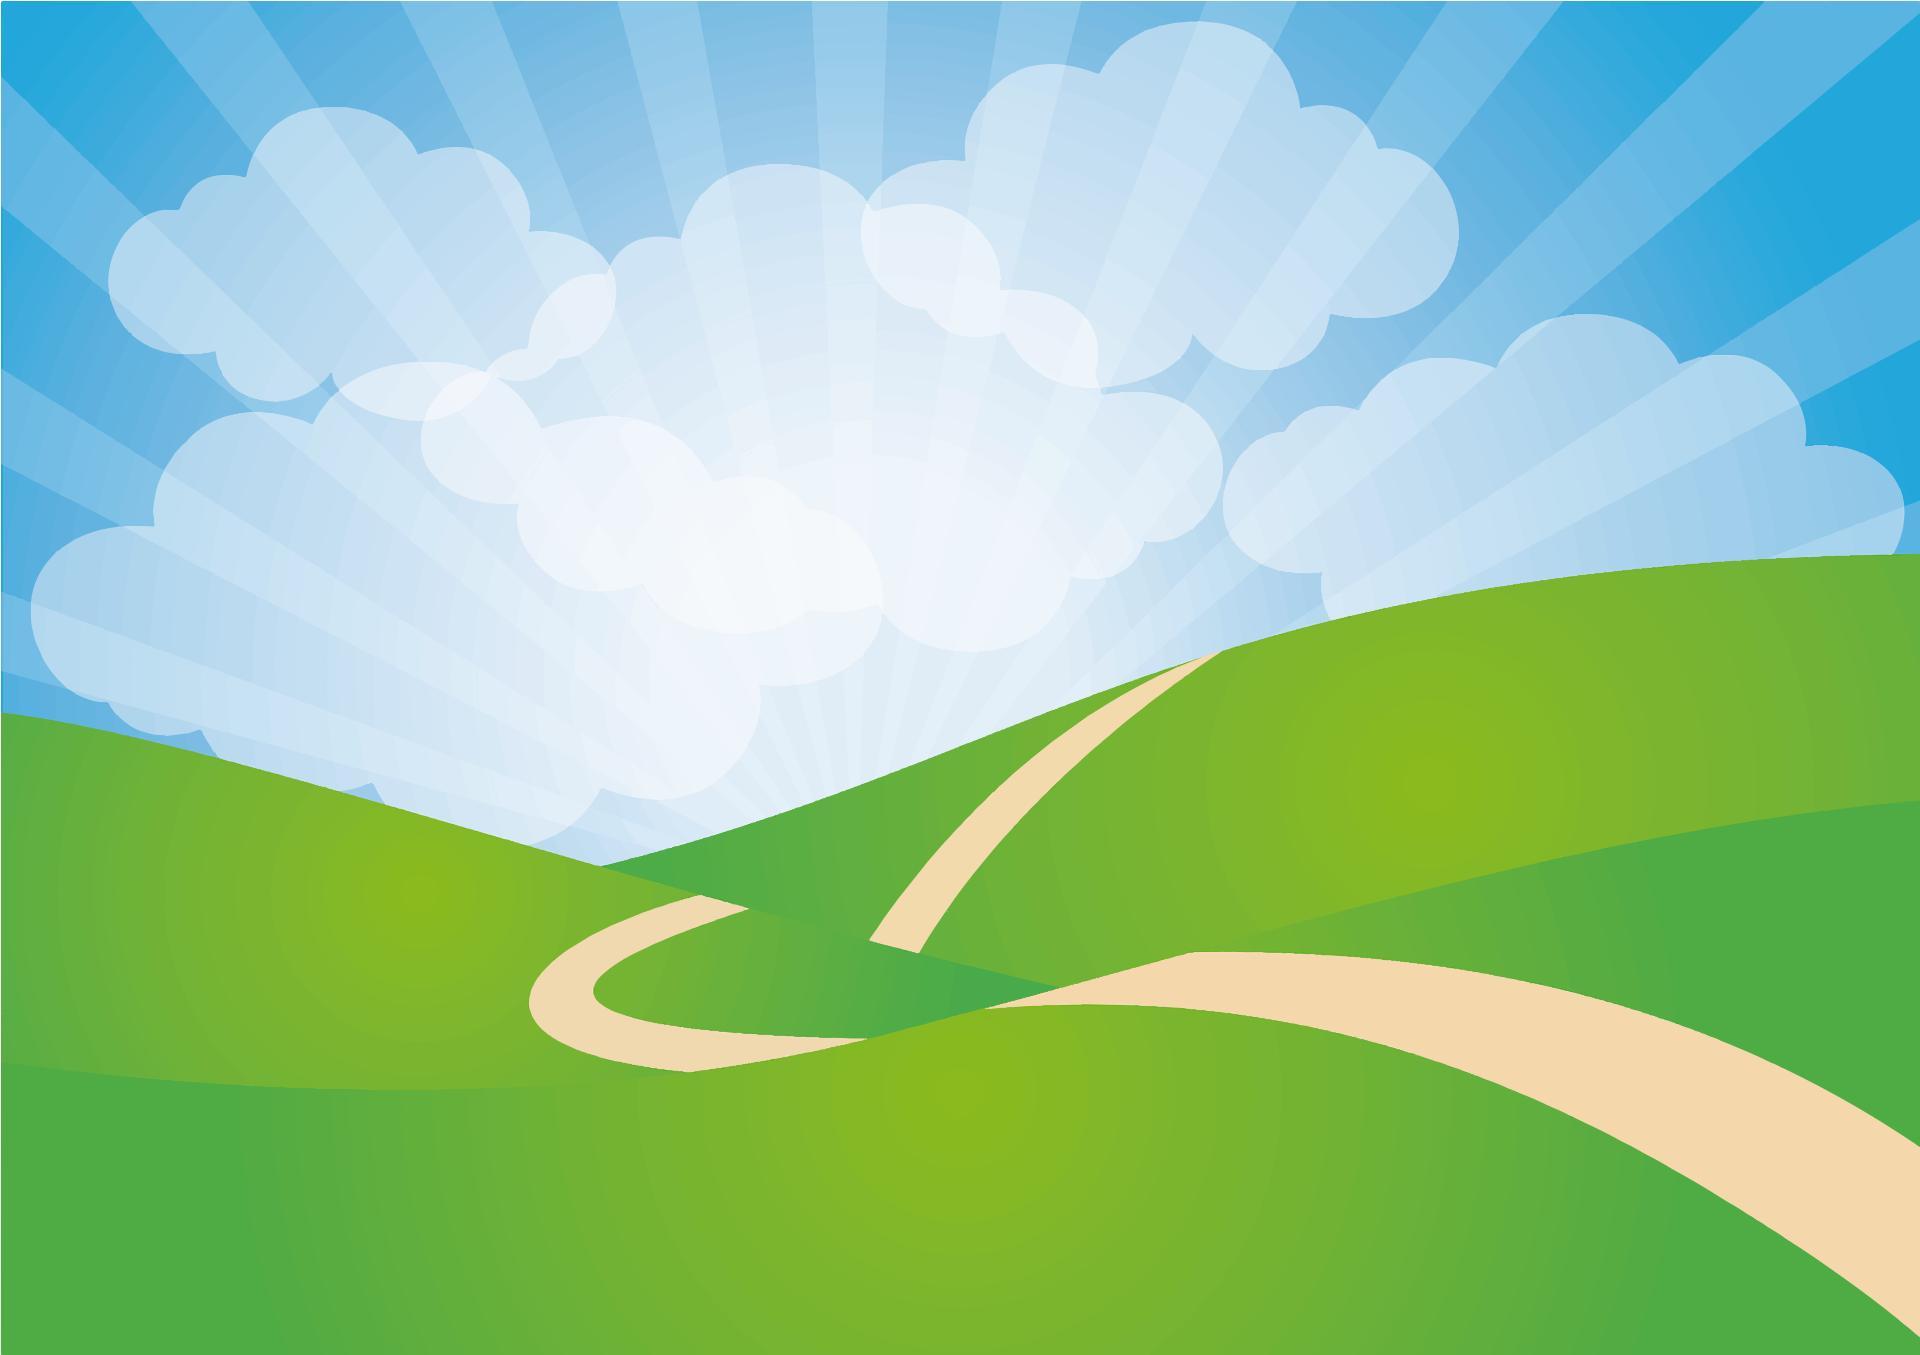 Green rolling hills design. Landscape clipart